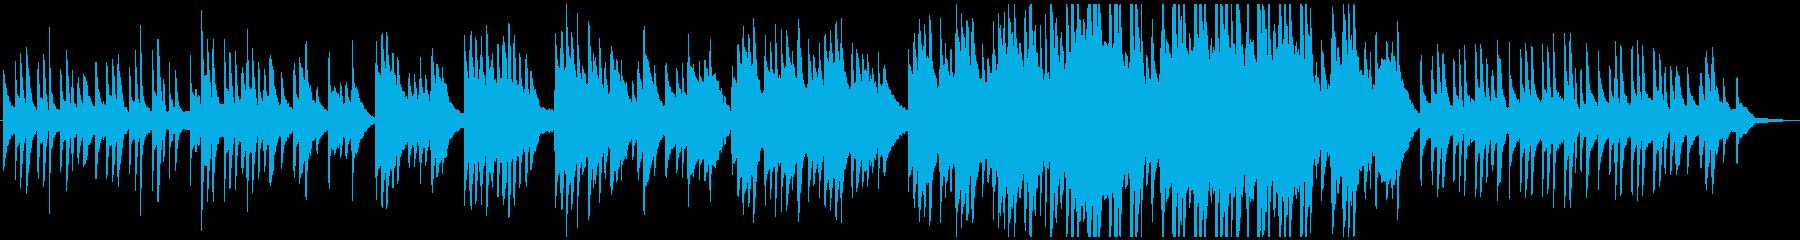 ゆったりとした切ない和風ピアノバラード曲の再生済みの波形